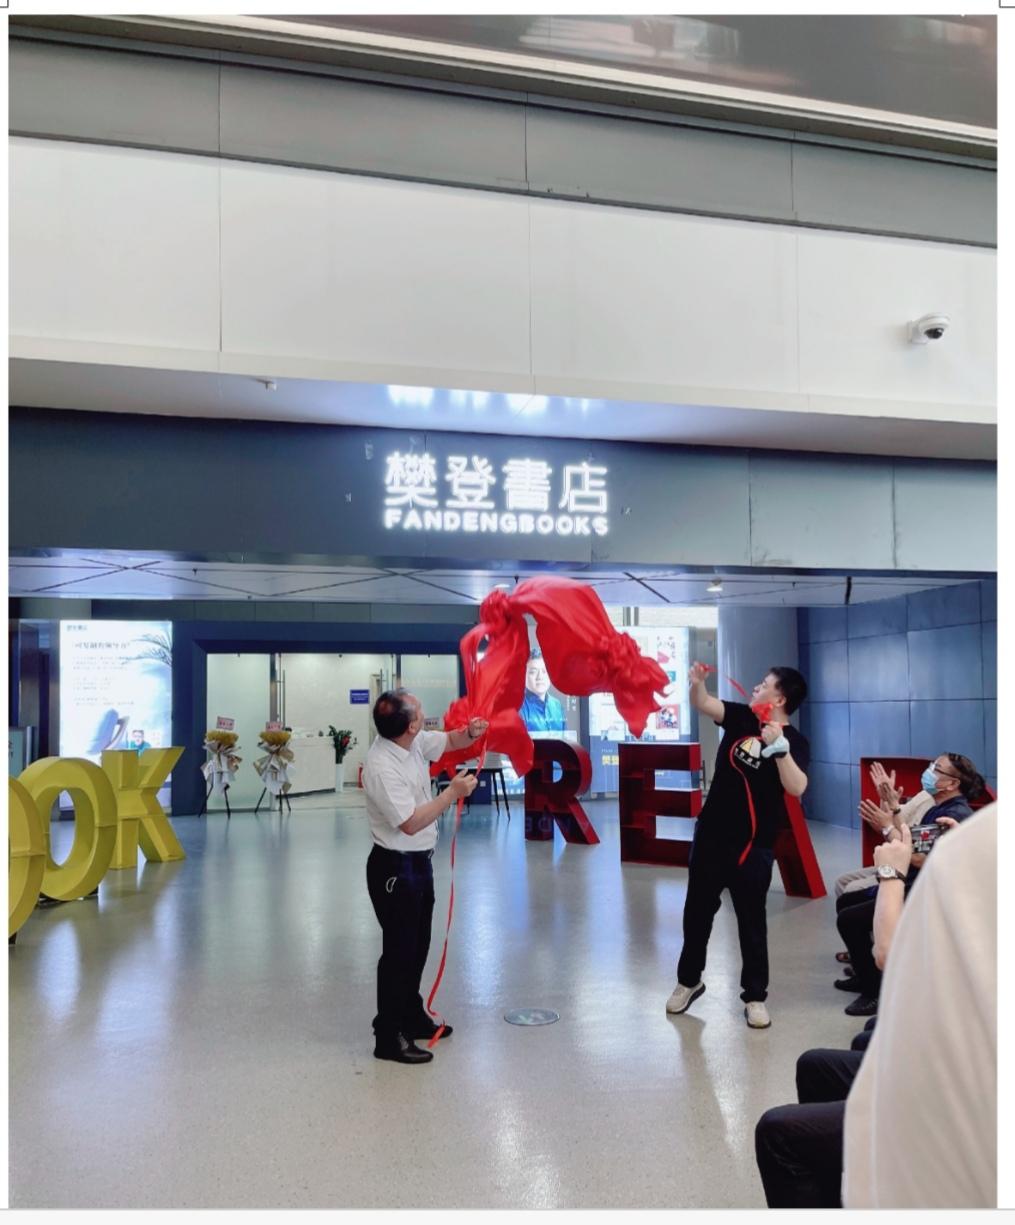 樊登书店全球首家机场店西安开业